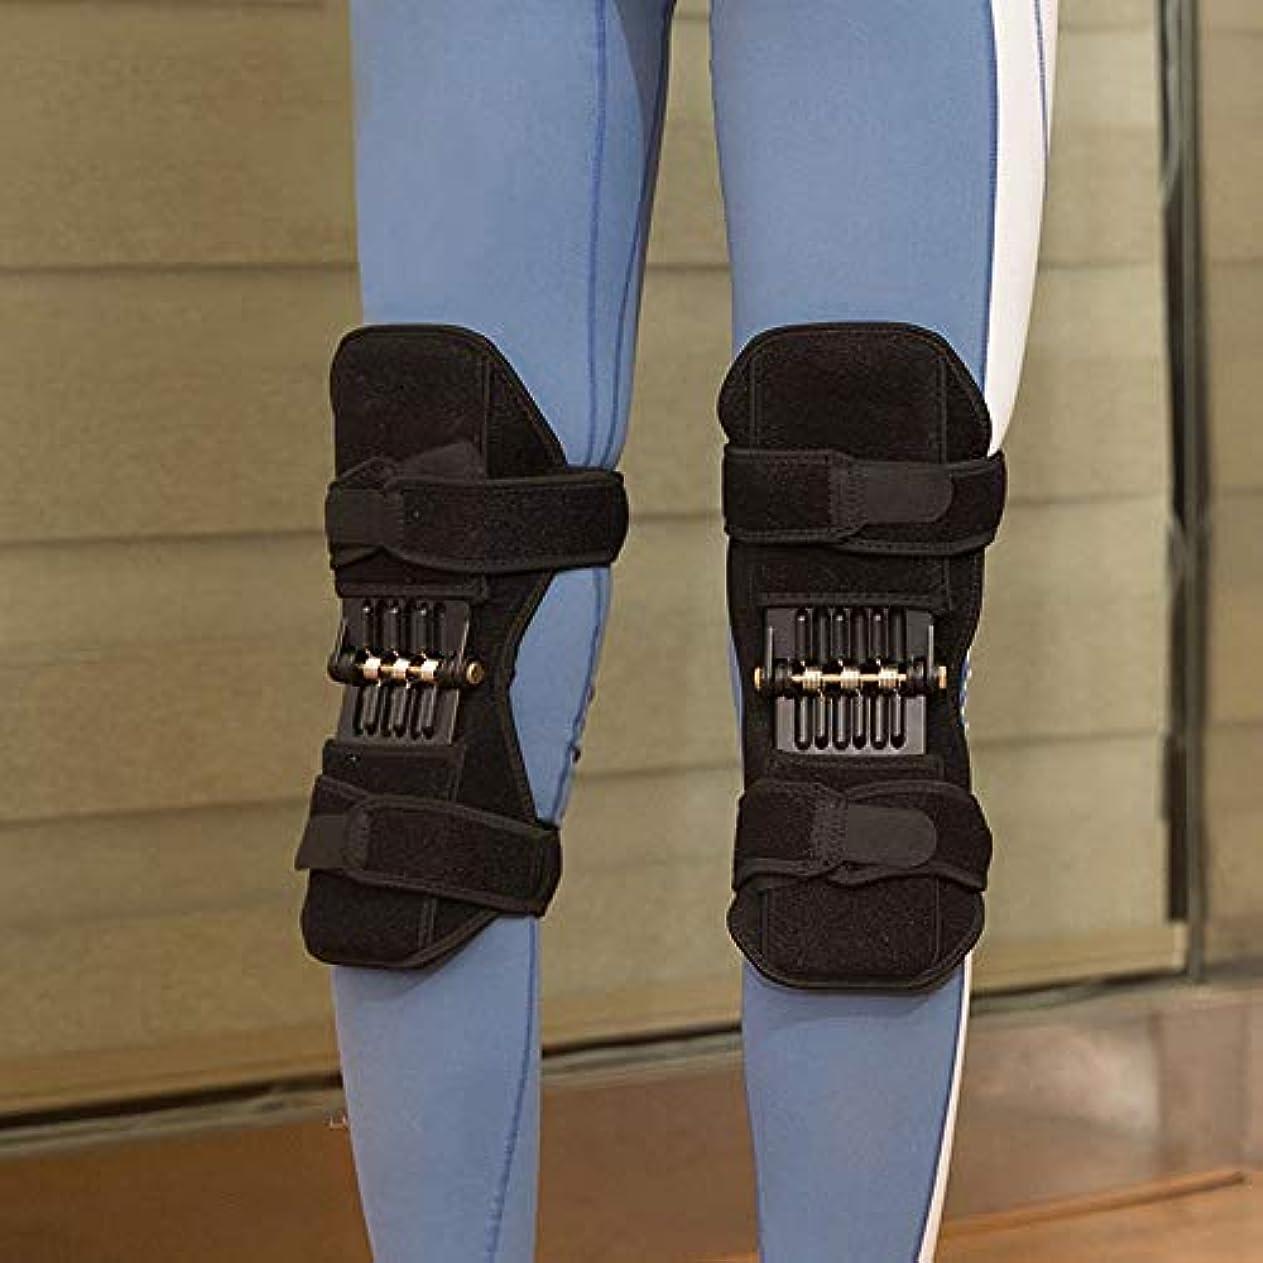 失速不公平海洋の1 ペアスポーツ 春の膝 ストラップ 登山 ランニング 膝 ブースター 膝 パッド 膝関節保護 マッサージツール